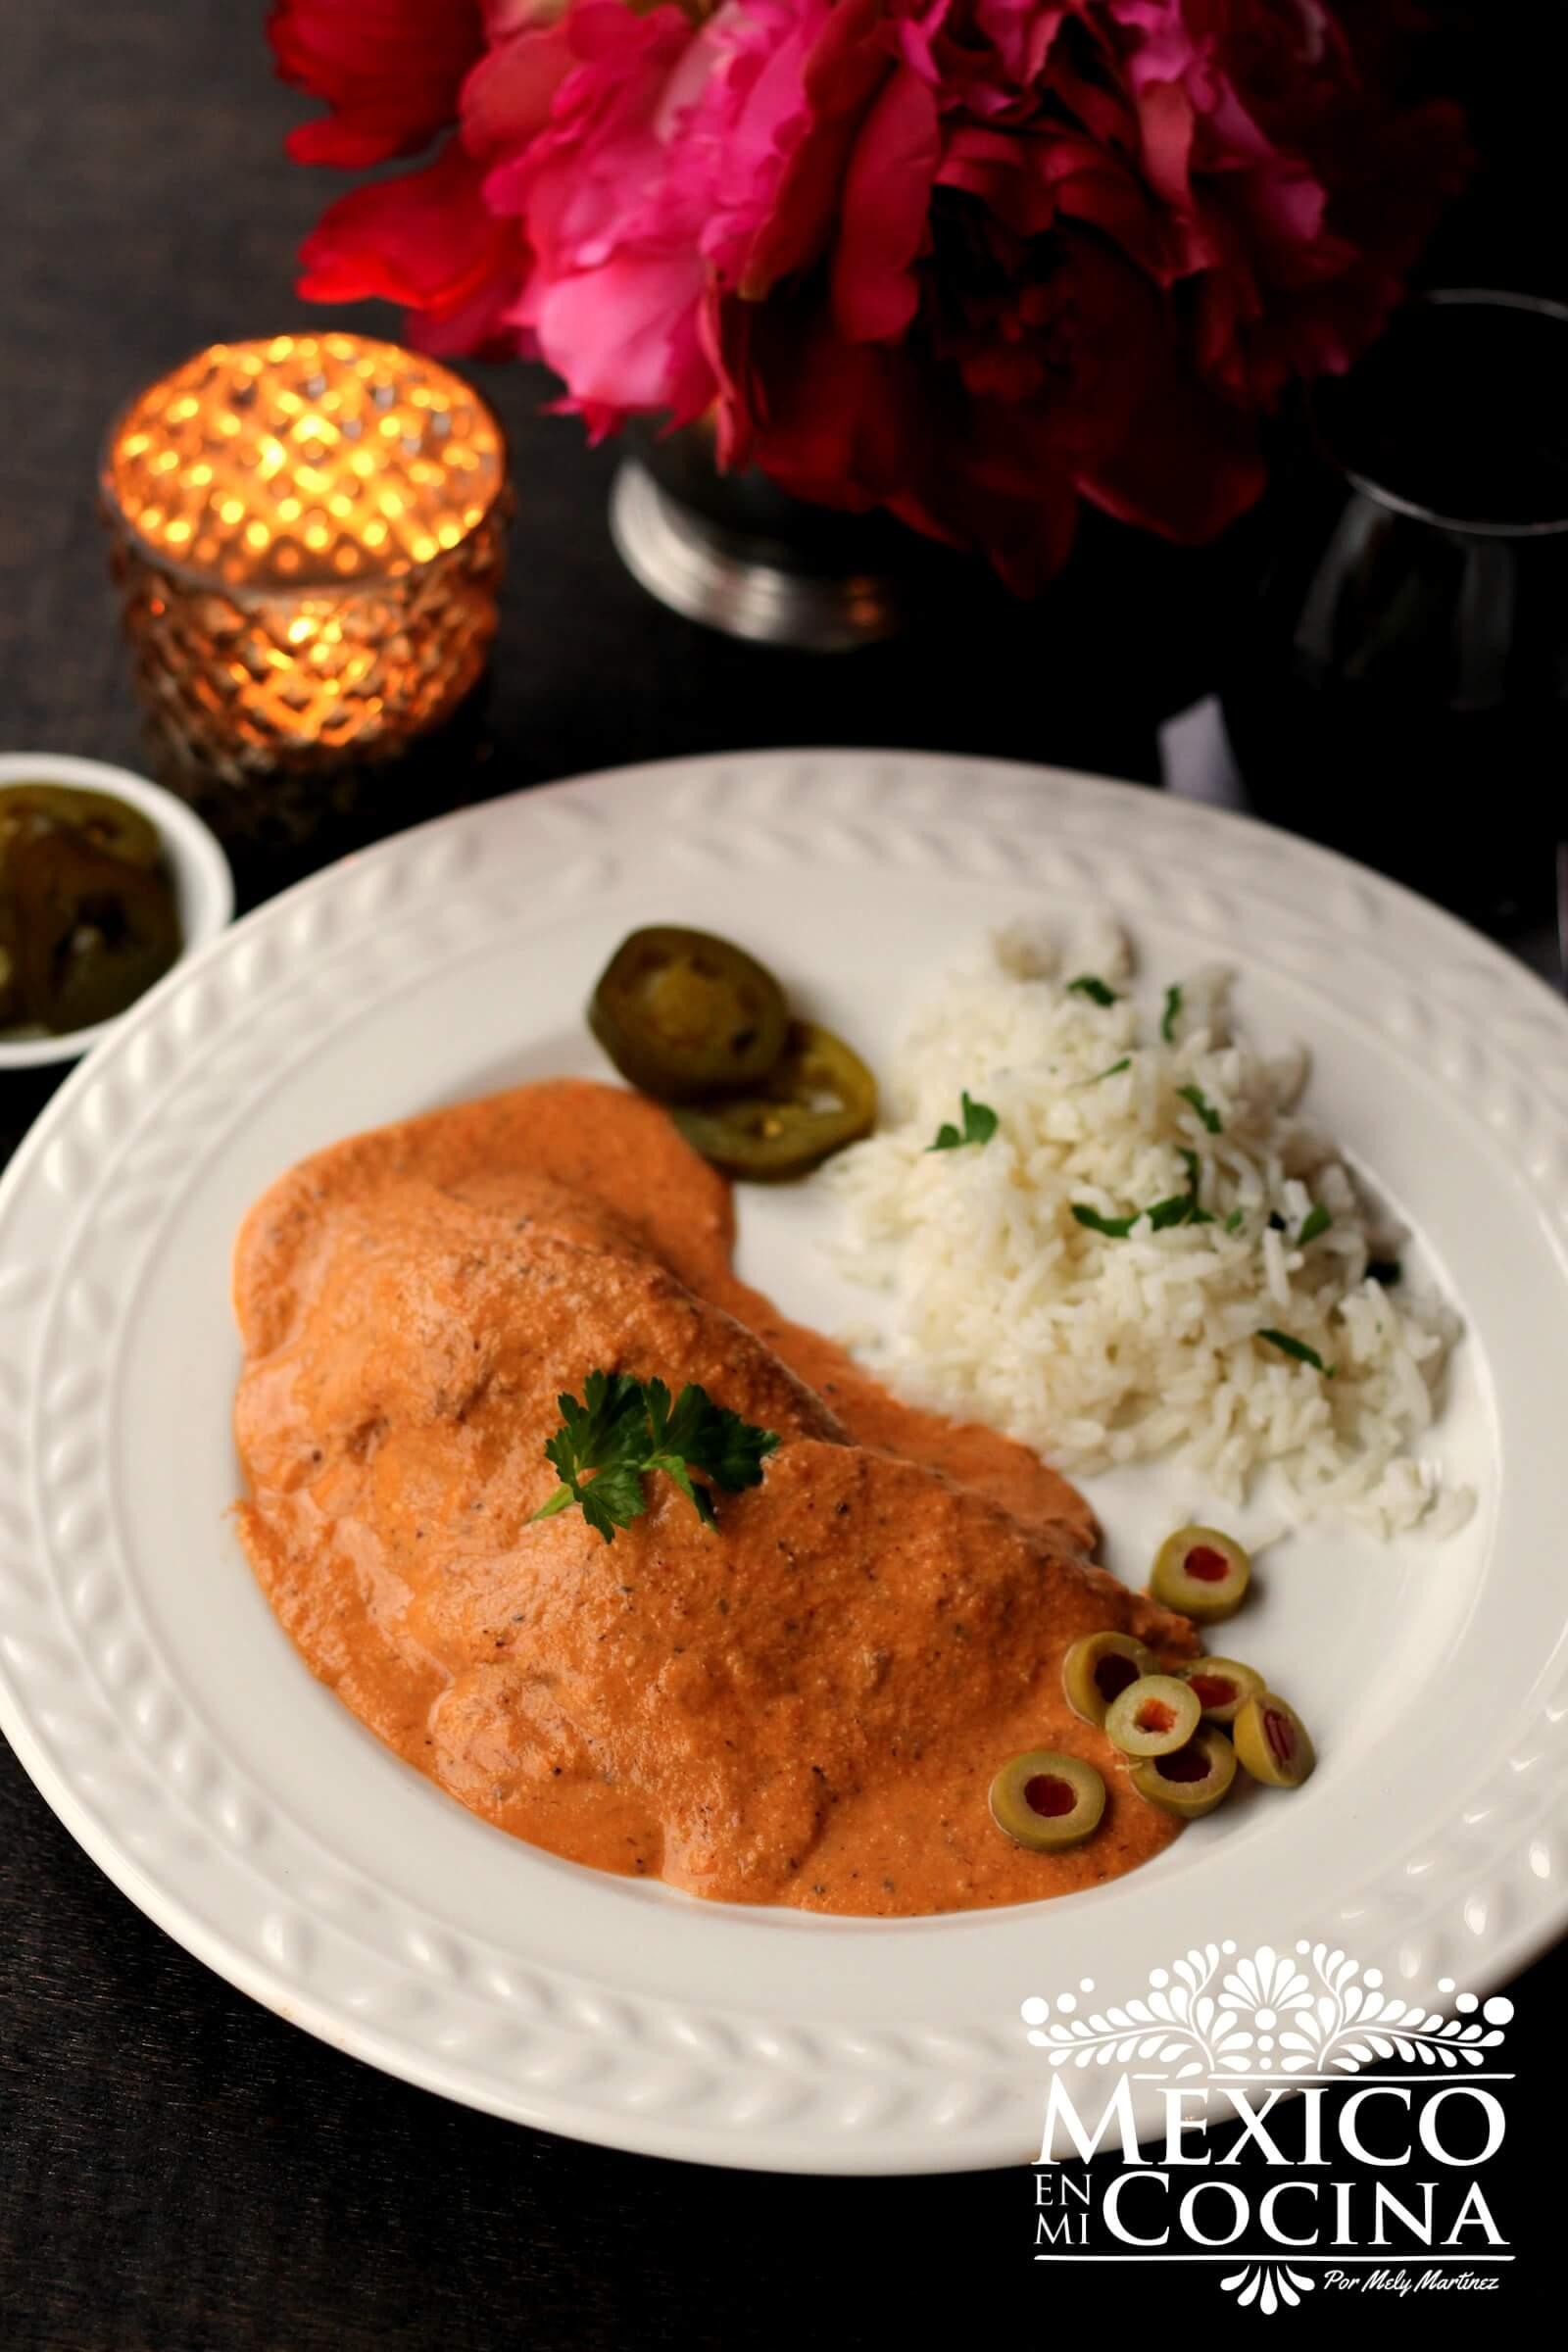 Lengua De Res En Salsa De Almendras Recetas De Comida Mexicana México En Mi Cocina Receta Lengua De Res Comida Comida Mexicana